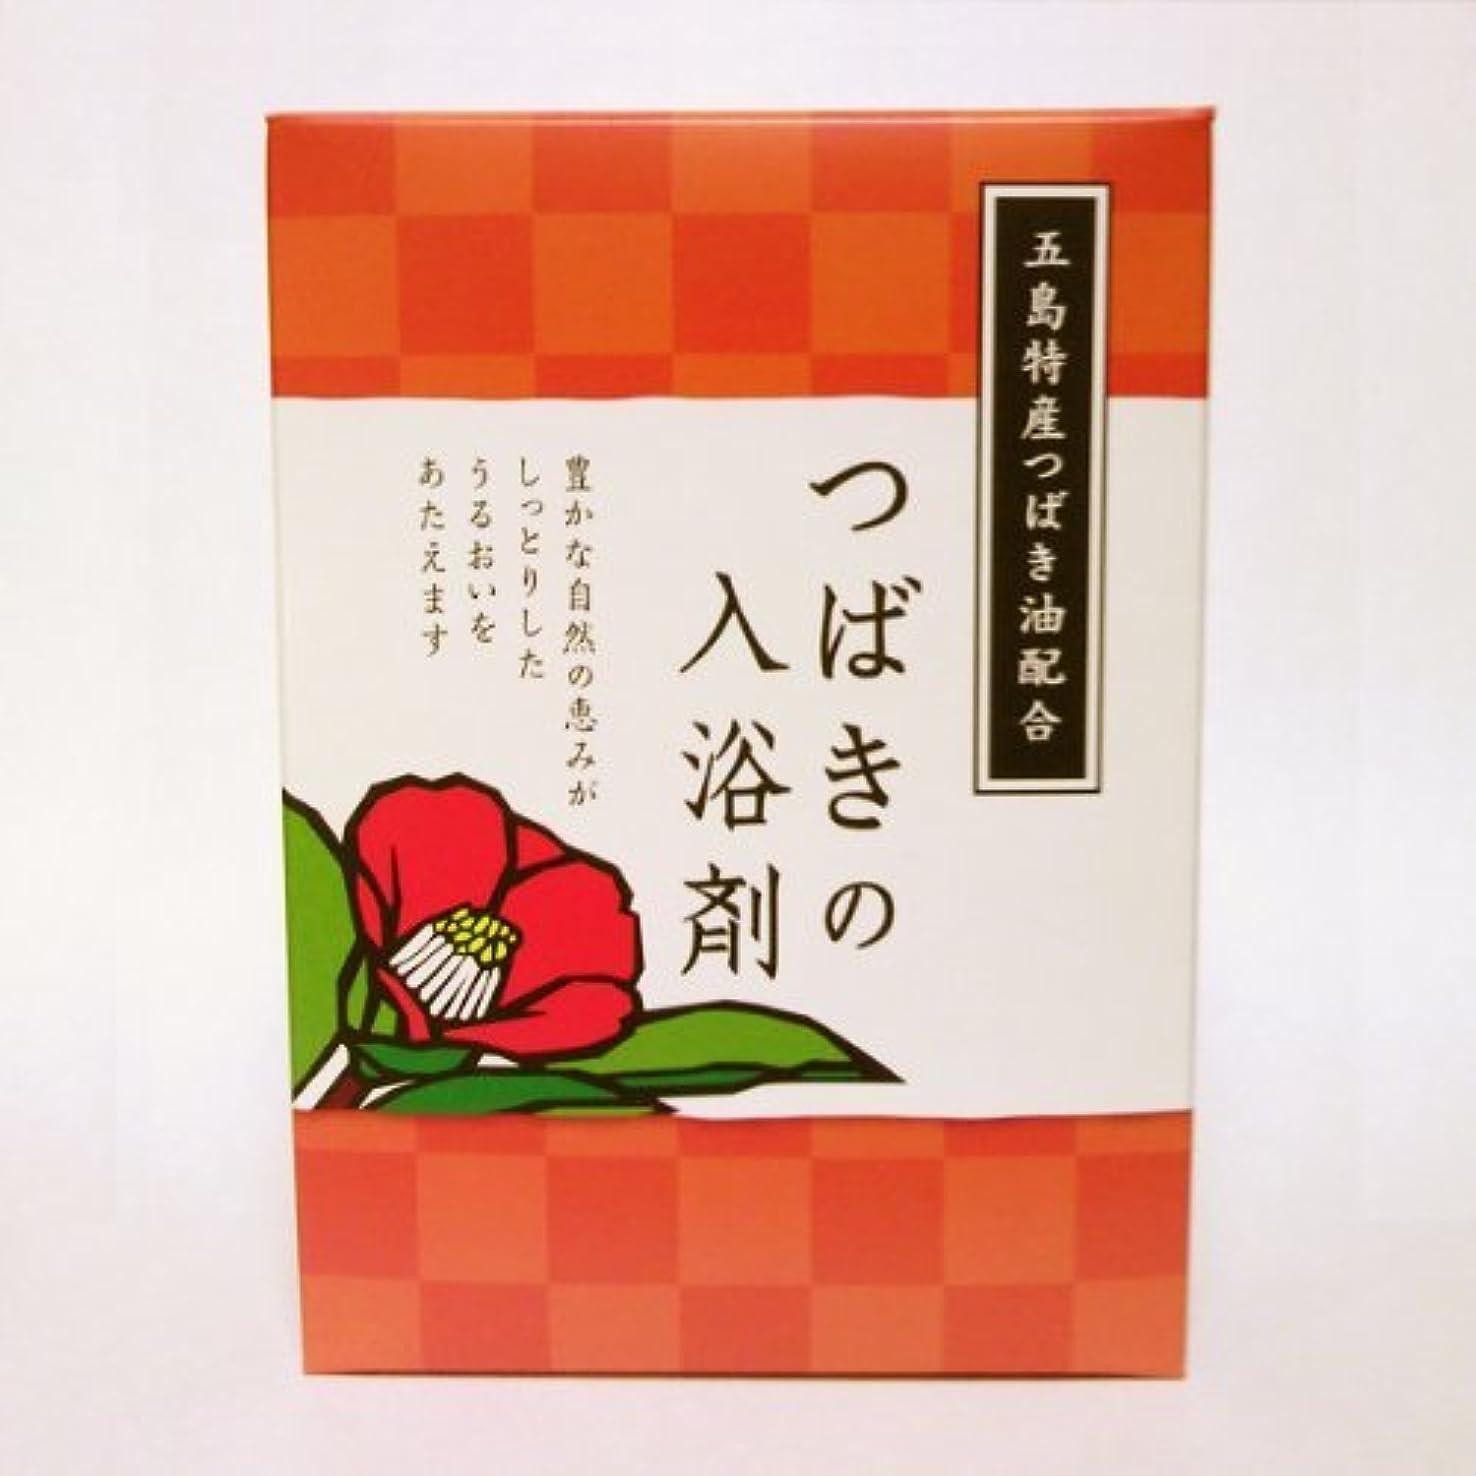 スリルクレーターハシー五島特産純粋 つばきの入浴剤 新上五島町振興公社